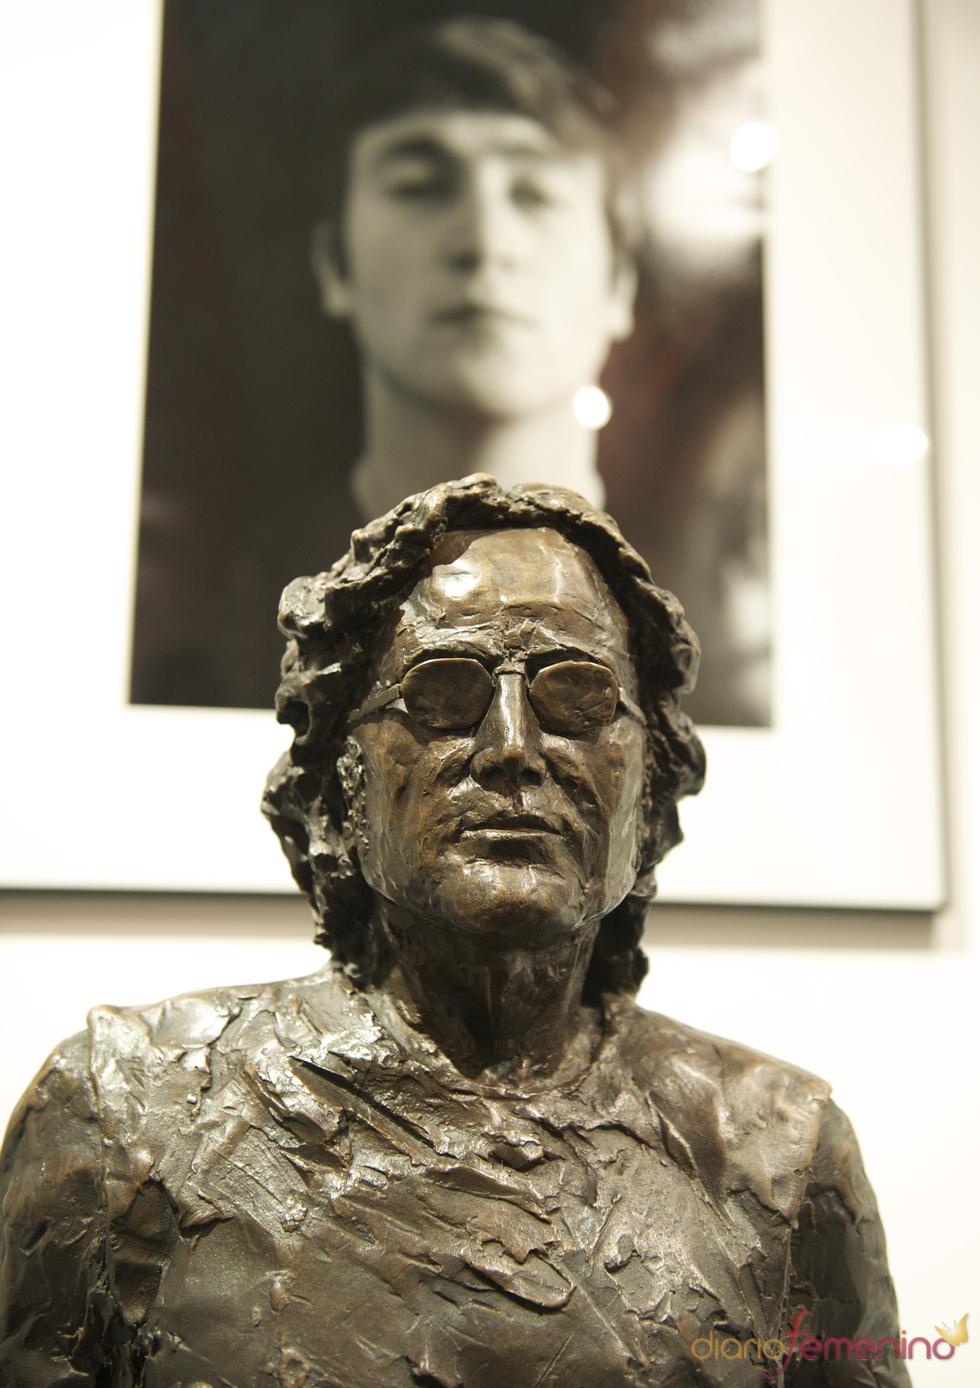 Estatua en el museo Beatles Story , Liverpool